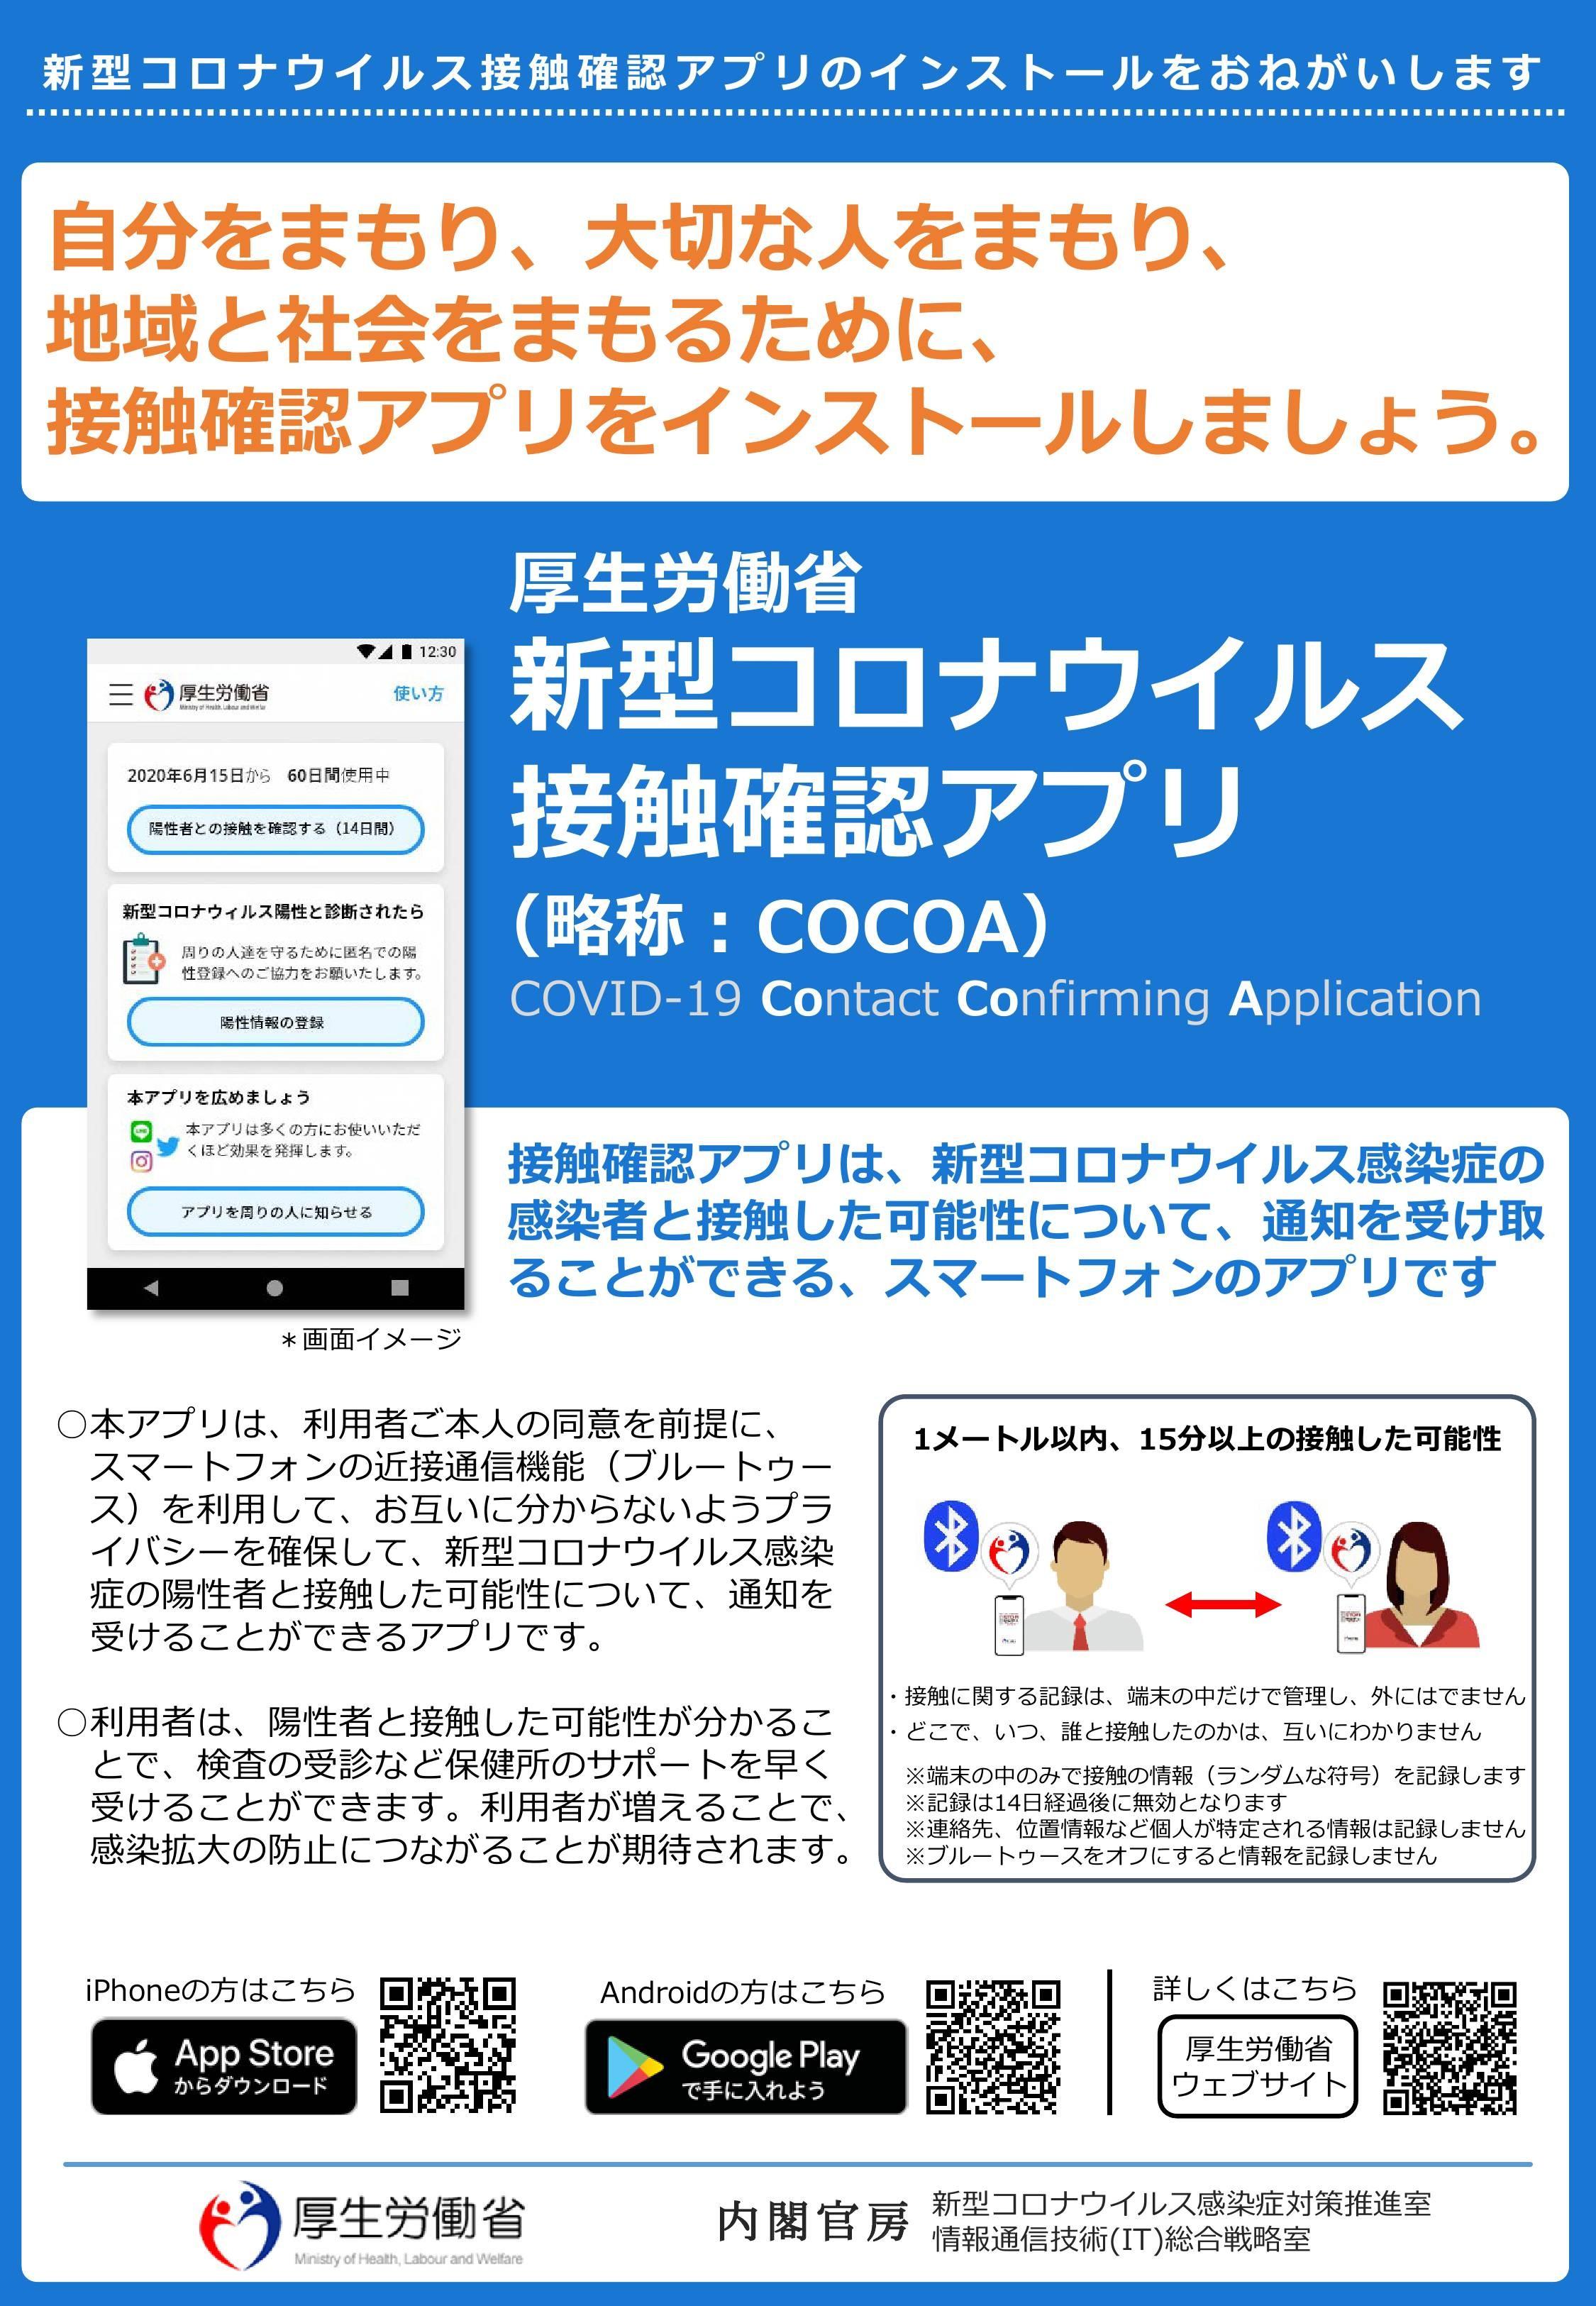 新型コロナウイルス接触確認アプリCOCOA表